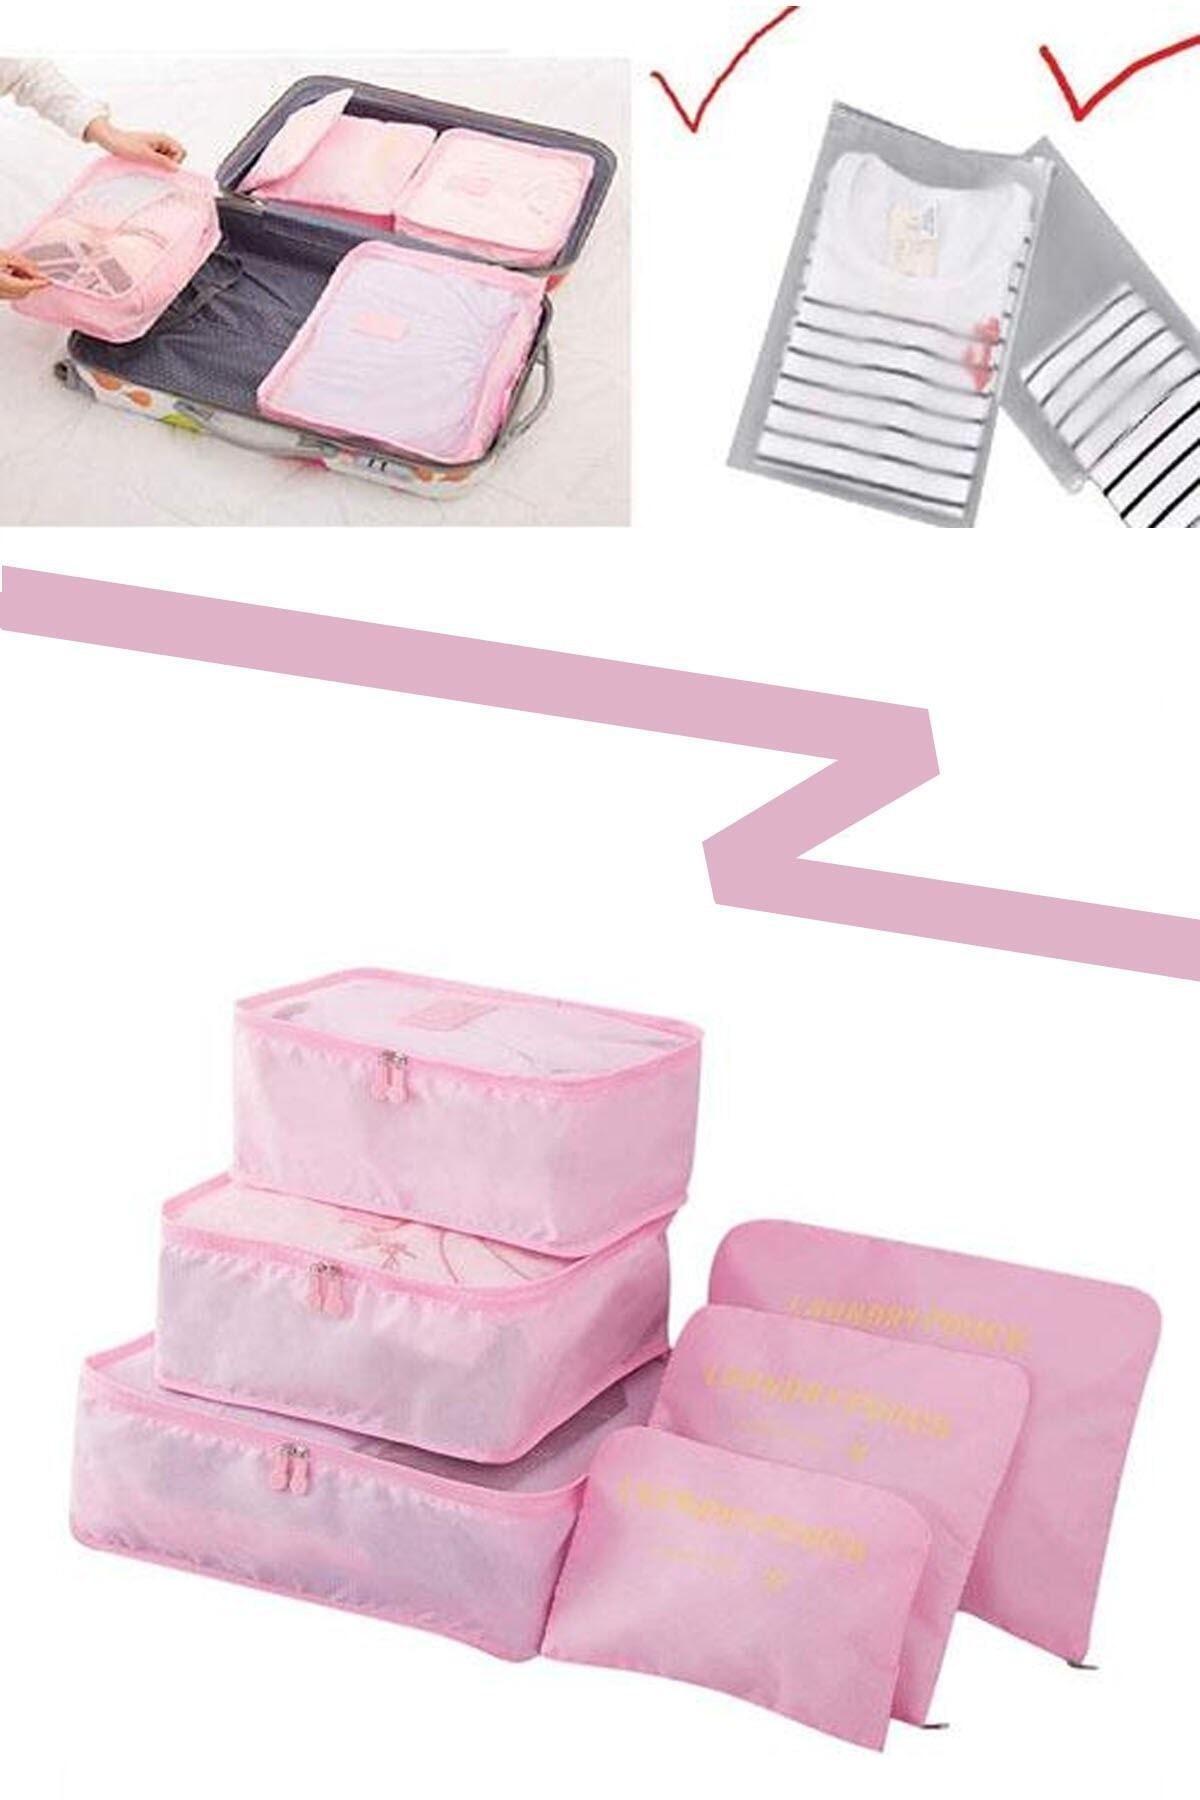 renn Bavul Içi Düzenleyici Organizer 6 Lı Set - Pembe 1